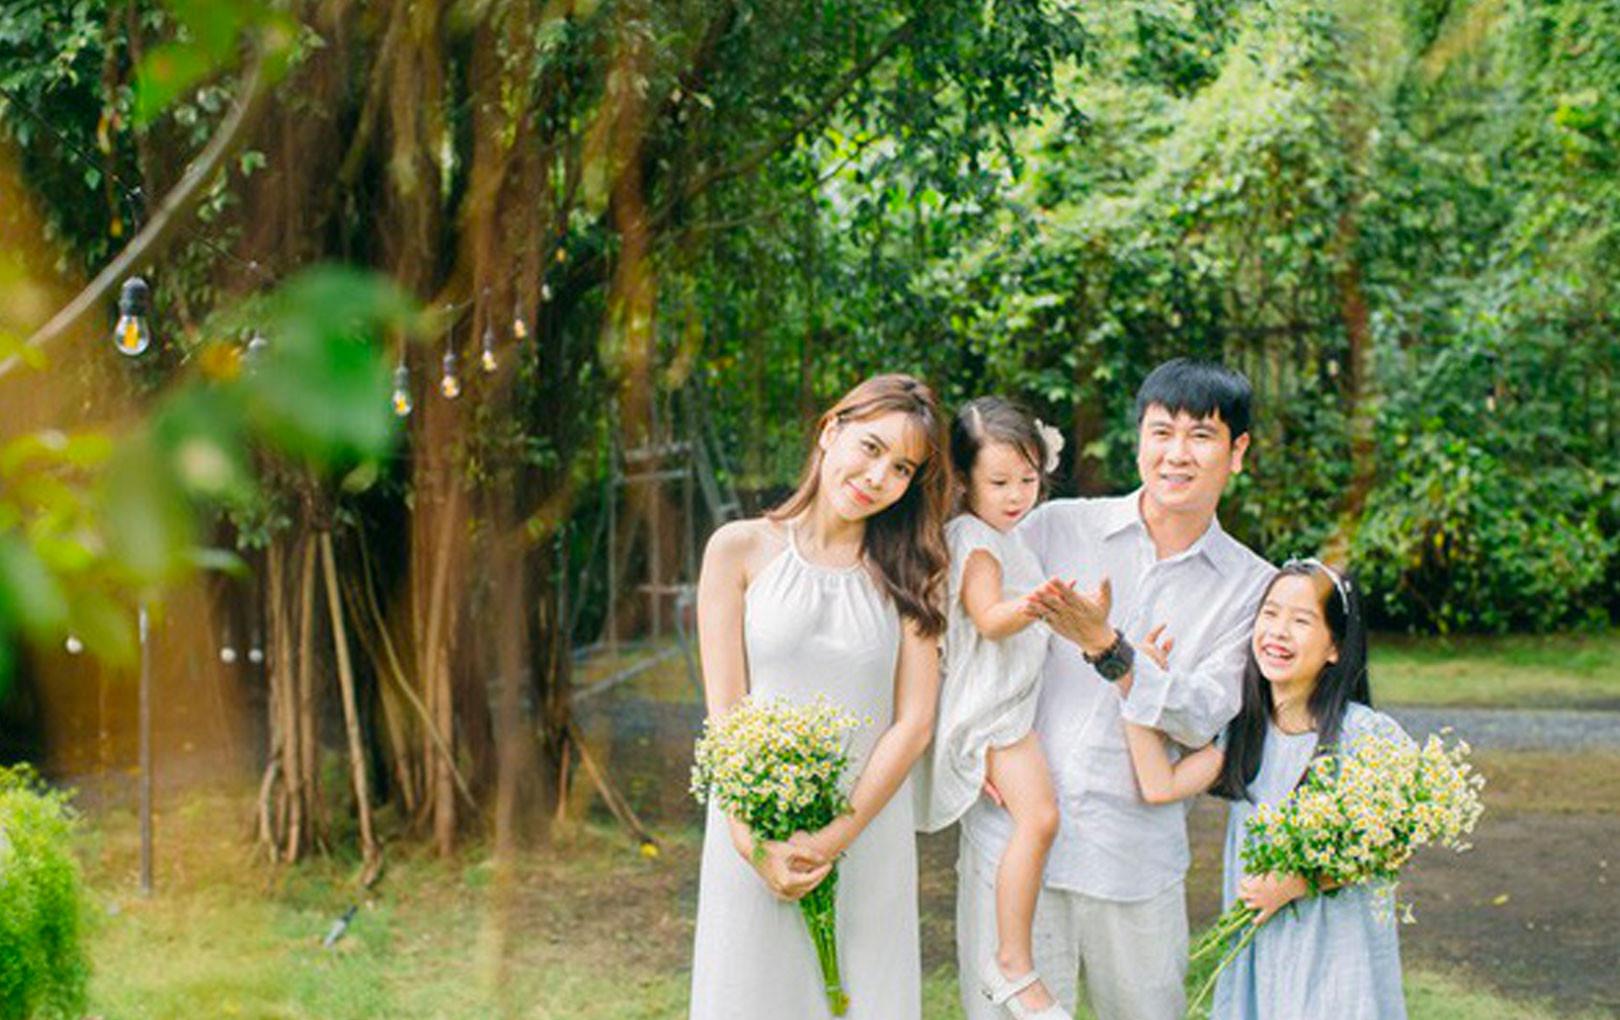 """Đại diện phía Lưu Hương Giang tiết lộ: """"Chuyện ly hôn là có thật nhưng hiện tại đã vượt qua sóng gió"""""""